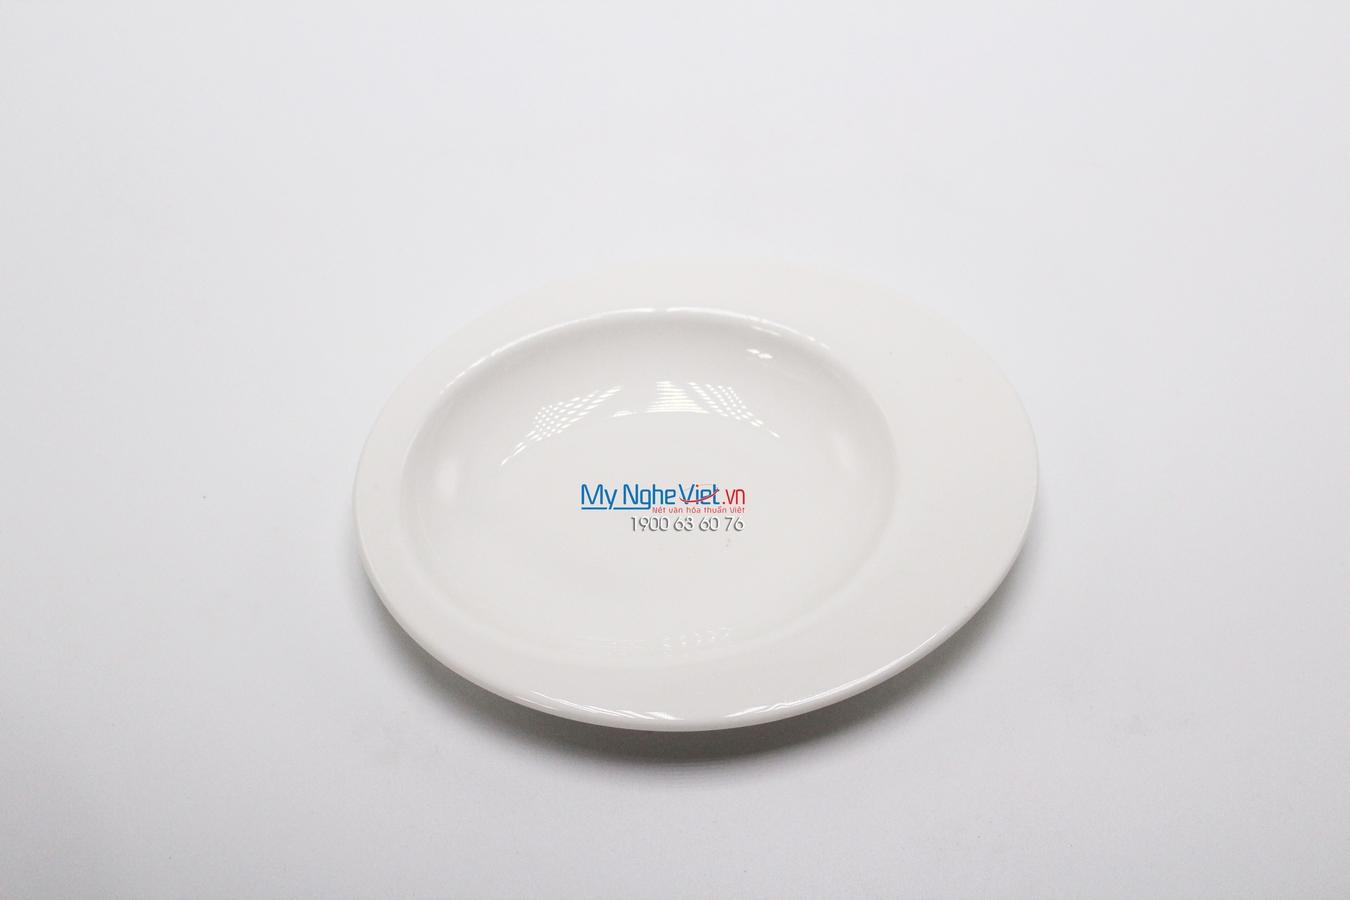 Dĩa oval cá nhân 14 cm trắng ngà - MNV - 571446000